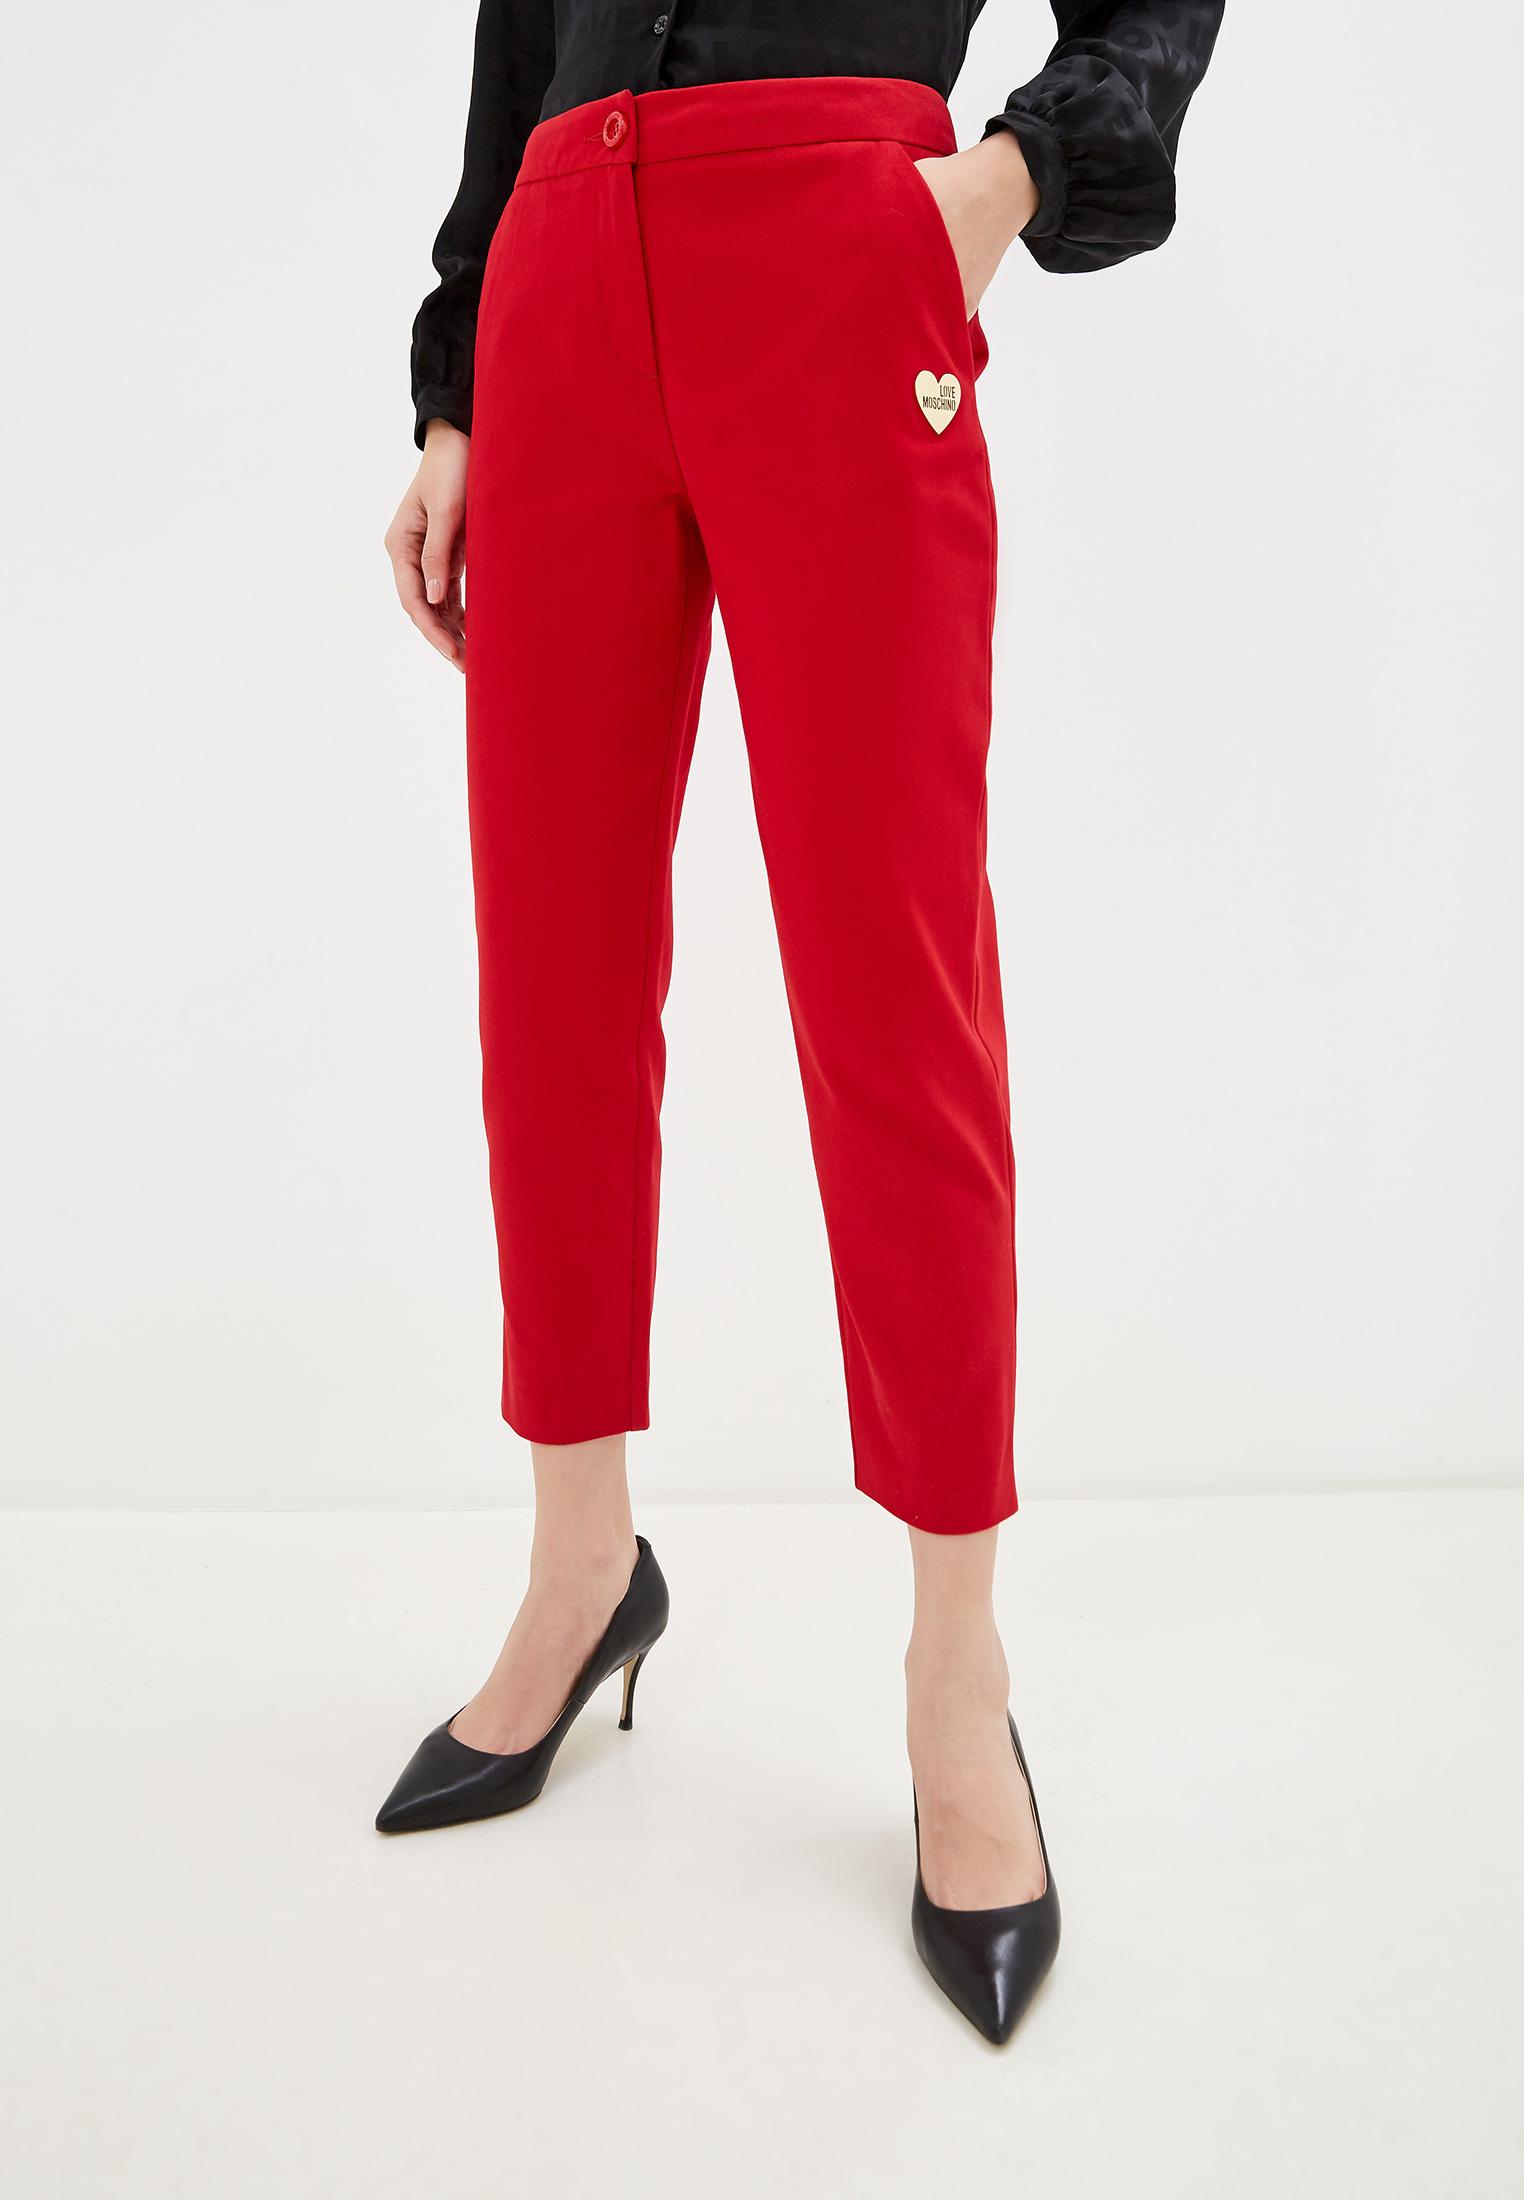 Женские классические брюки Love Moschino W P 997 80 T 9859